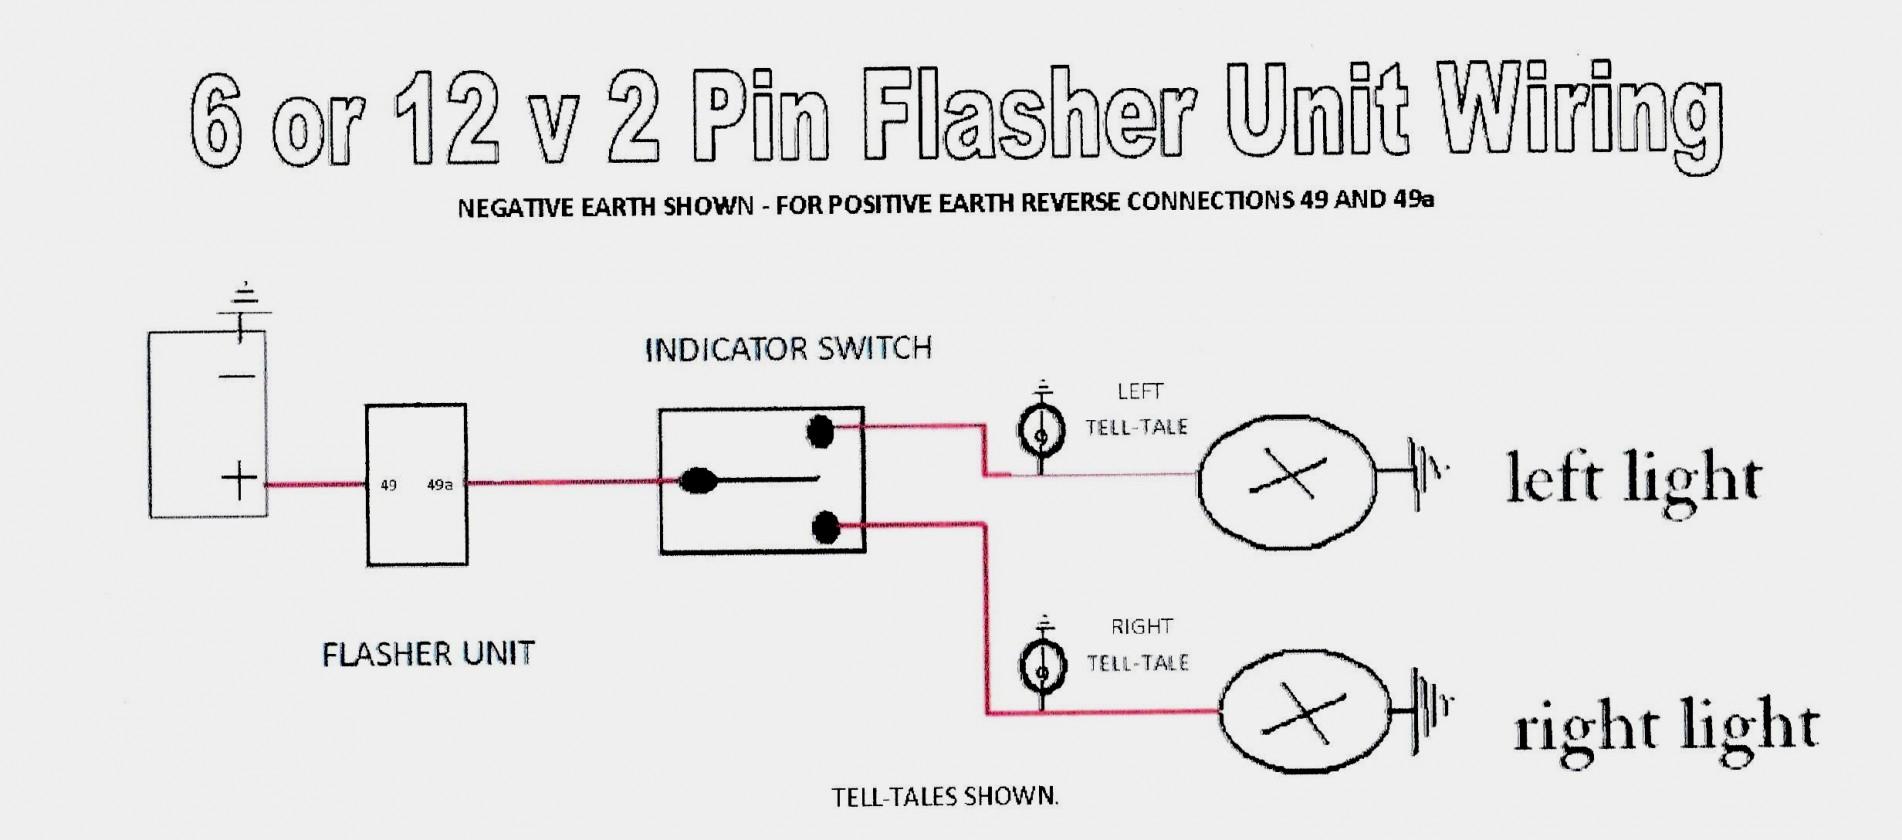 Universal Turn Signal Flasher Wiring Diagram - Trusted Wiring - Universal Turn Signal Wiring Diagram